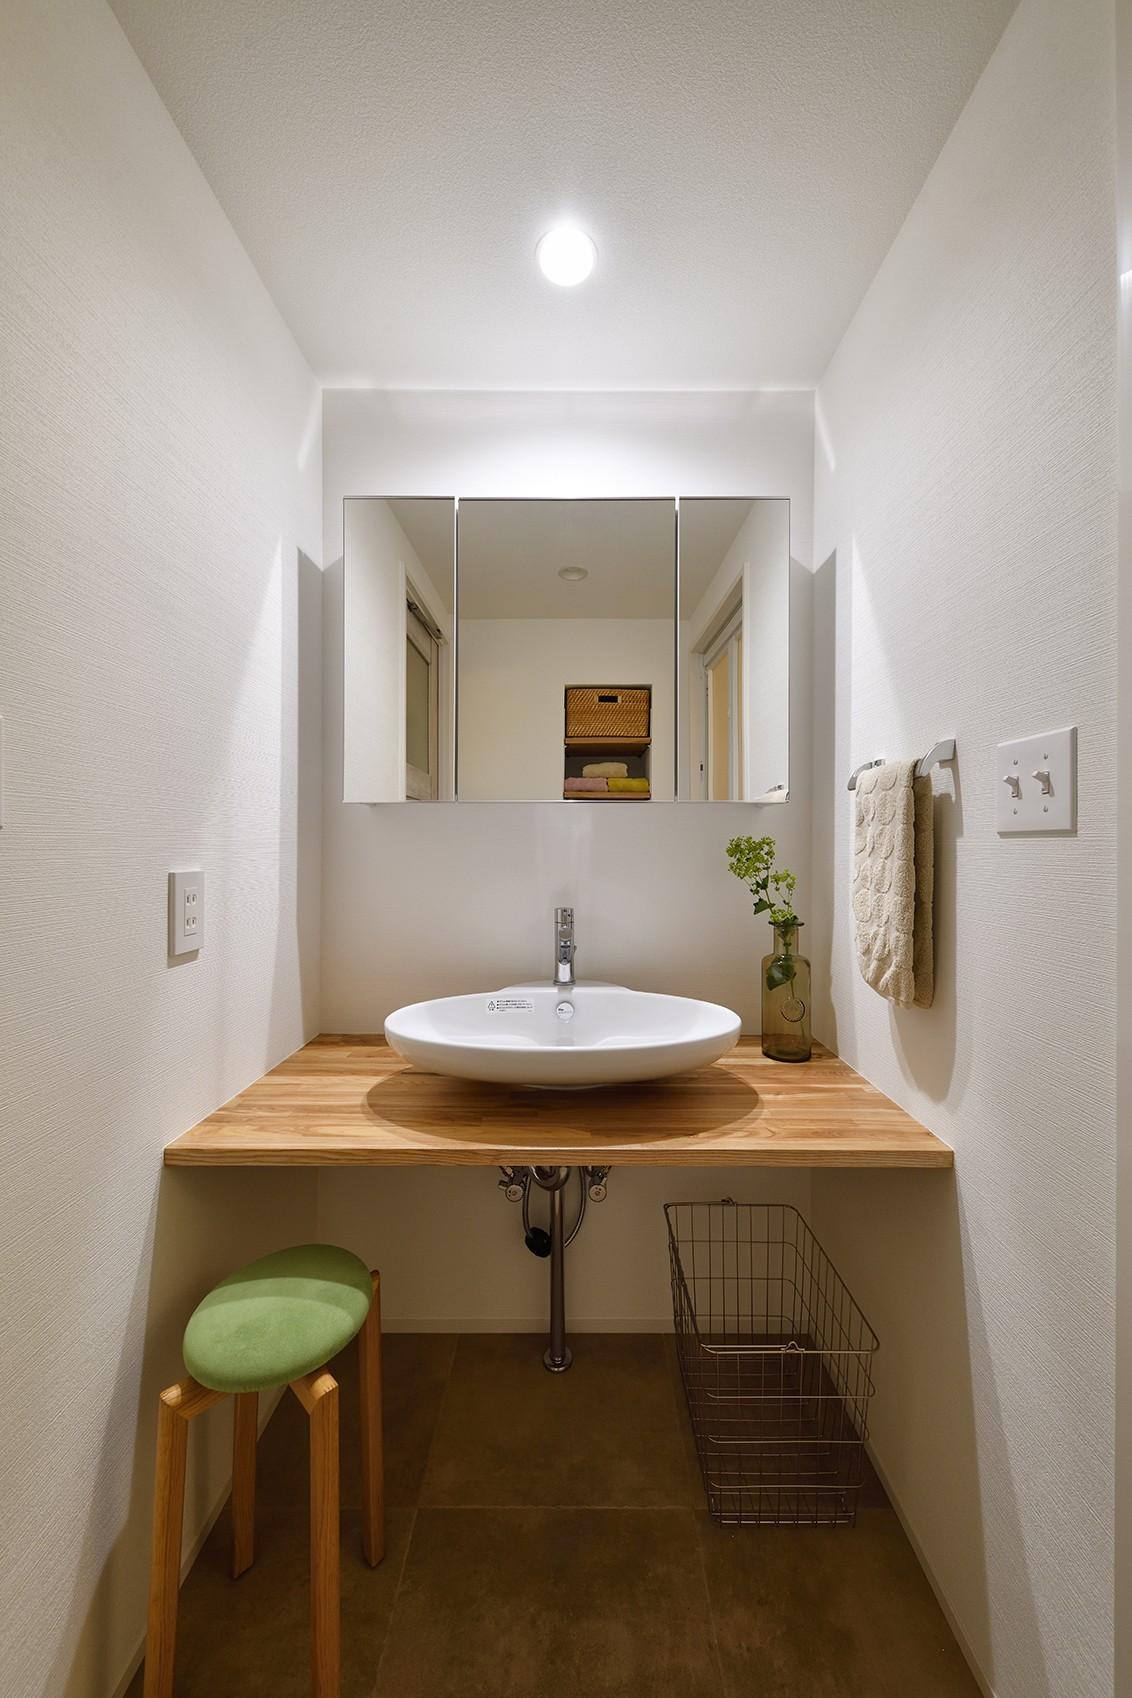 バス/トイレ事例:シンプルで美しい洗面室(緑ゆたかな郊外へ 自然素材に囲まれた住まい)